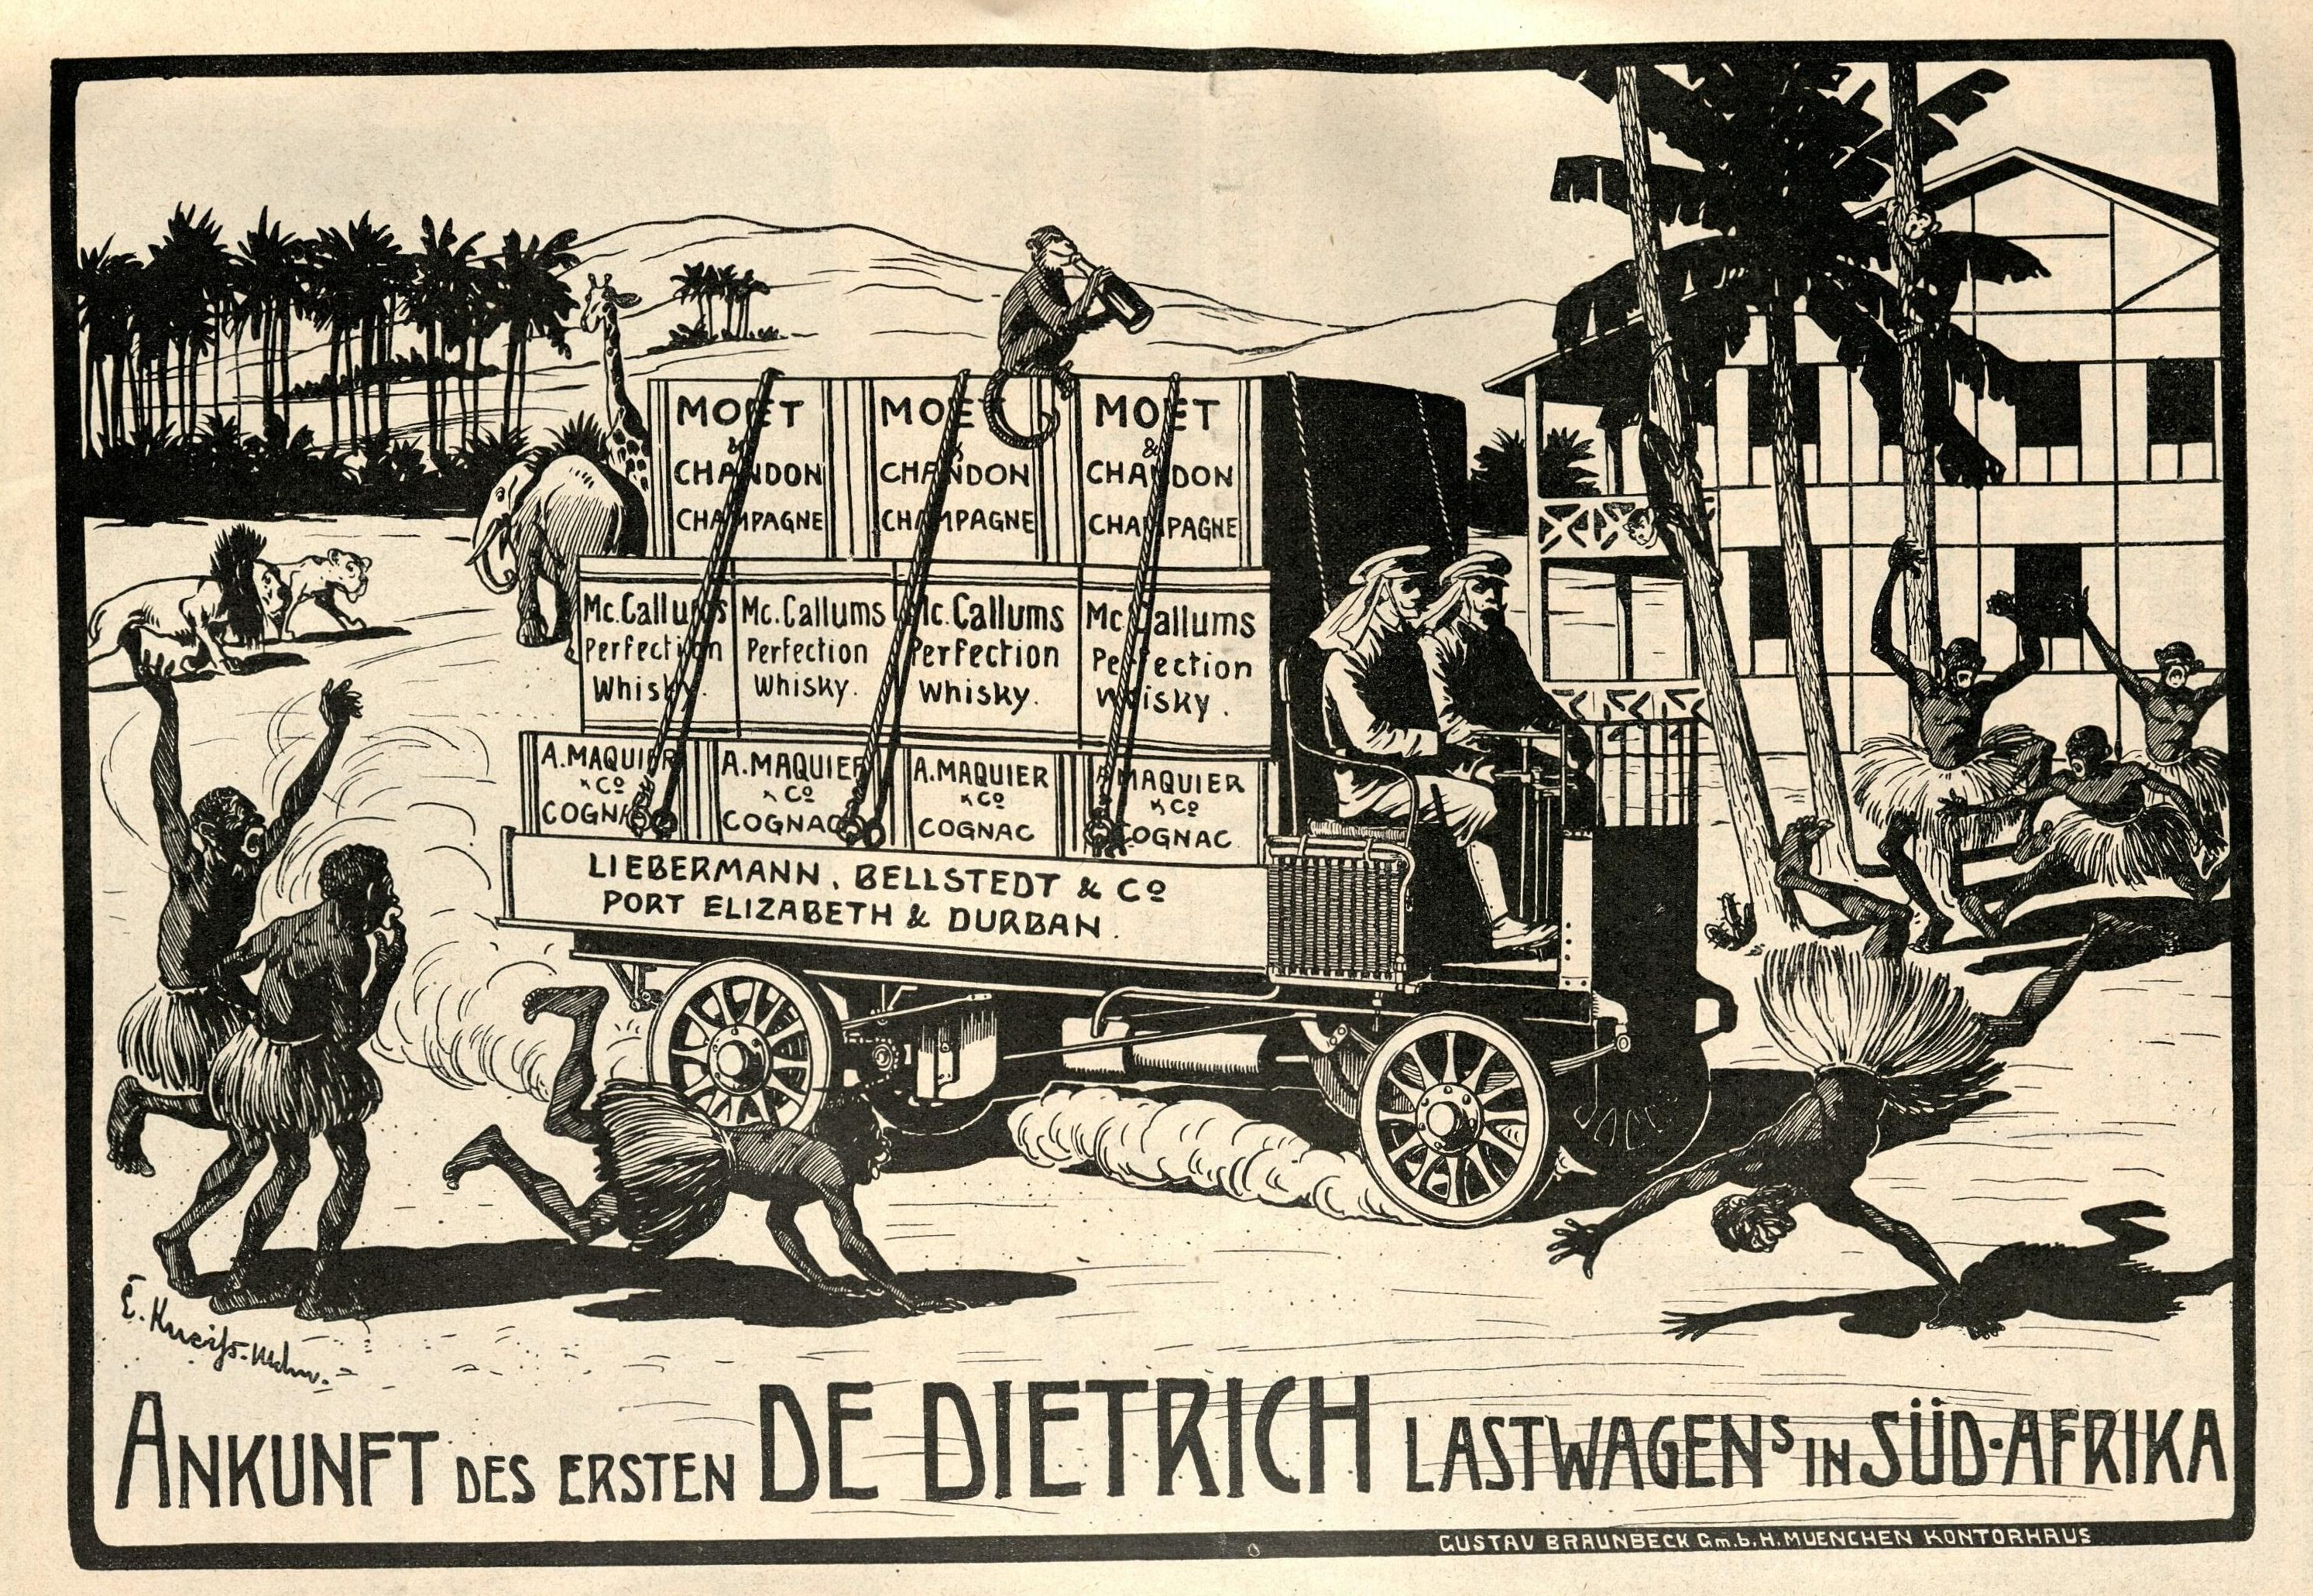 Bild: Ankunft des ersten DE DIETRICH Lastwagens in Südafrika